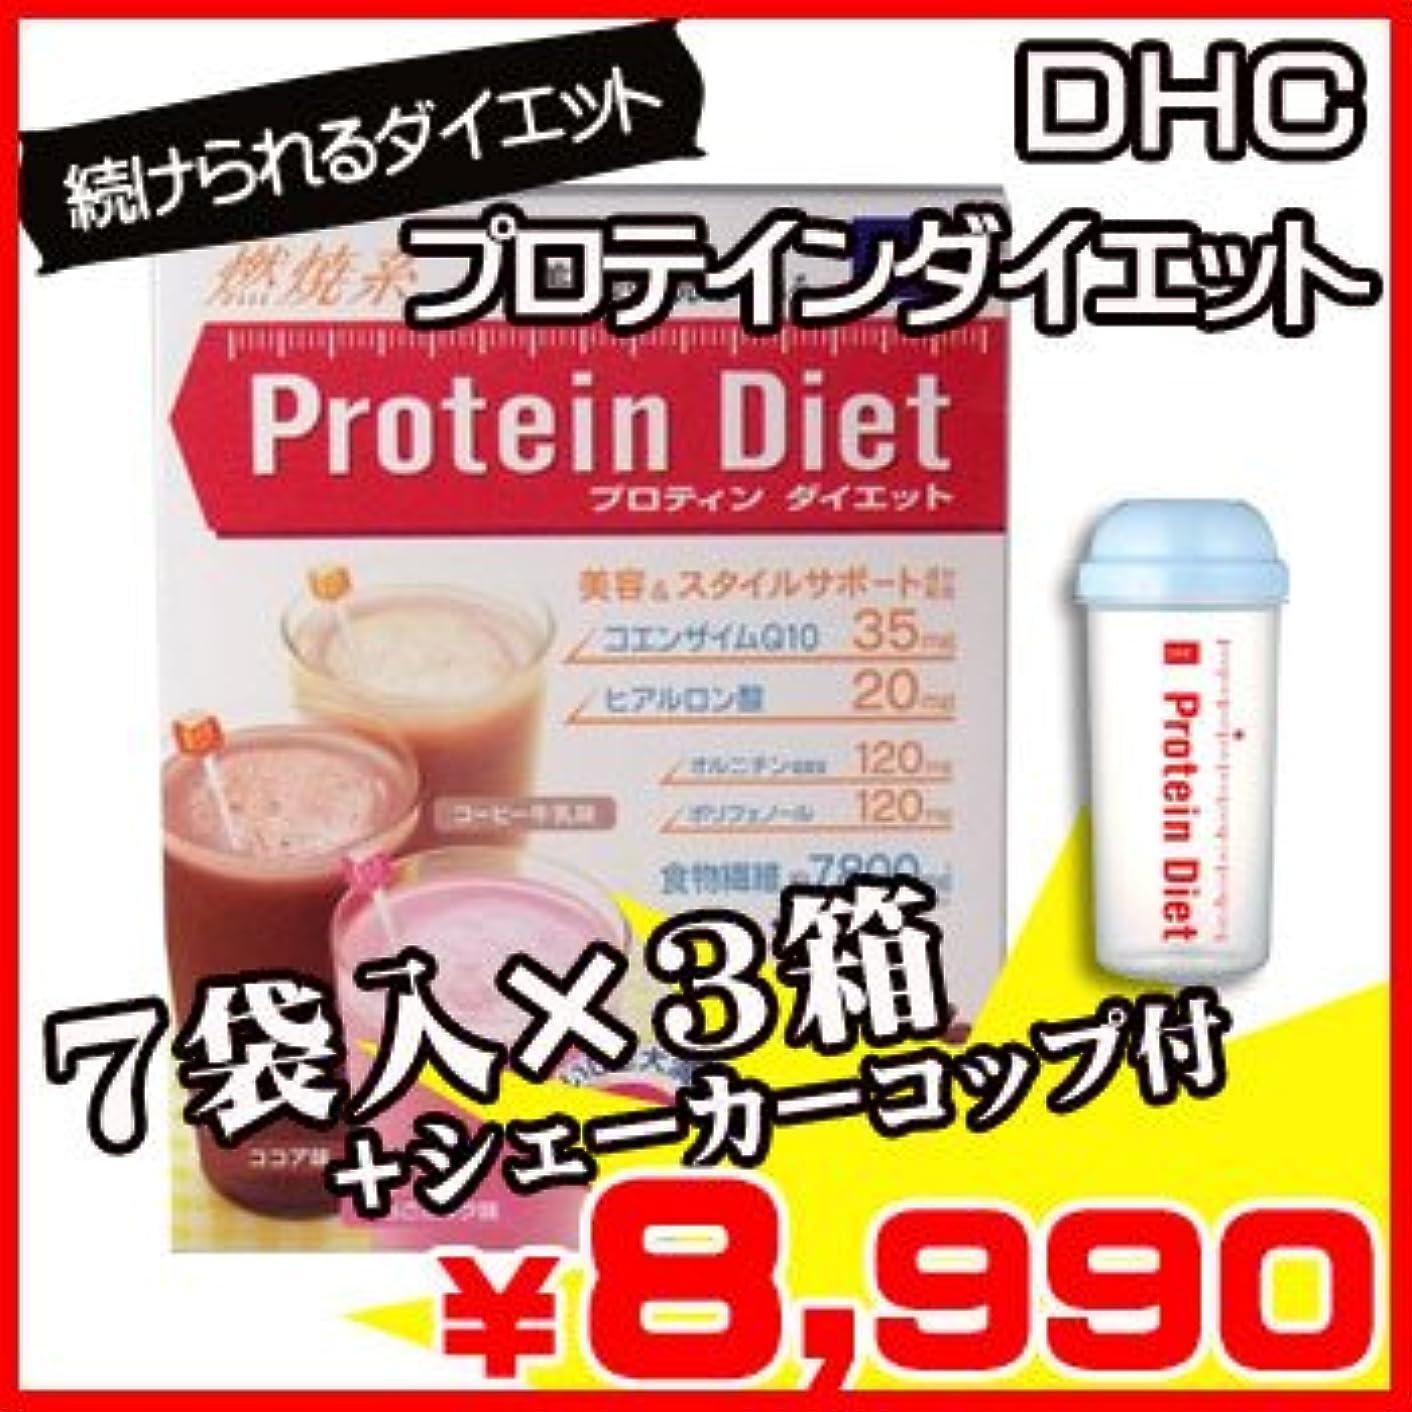 評価可能詩人発表するDHC プロティンダイエット 7袋入×3箱 シェーカー コップ付セット(プロティンダイエット開始セット)